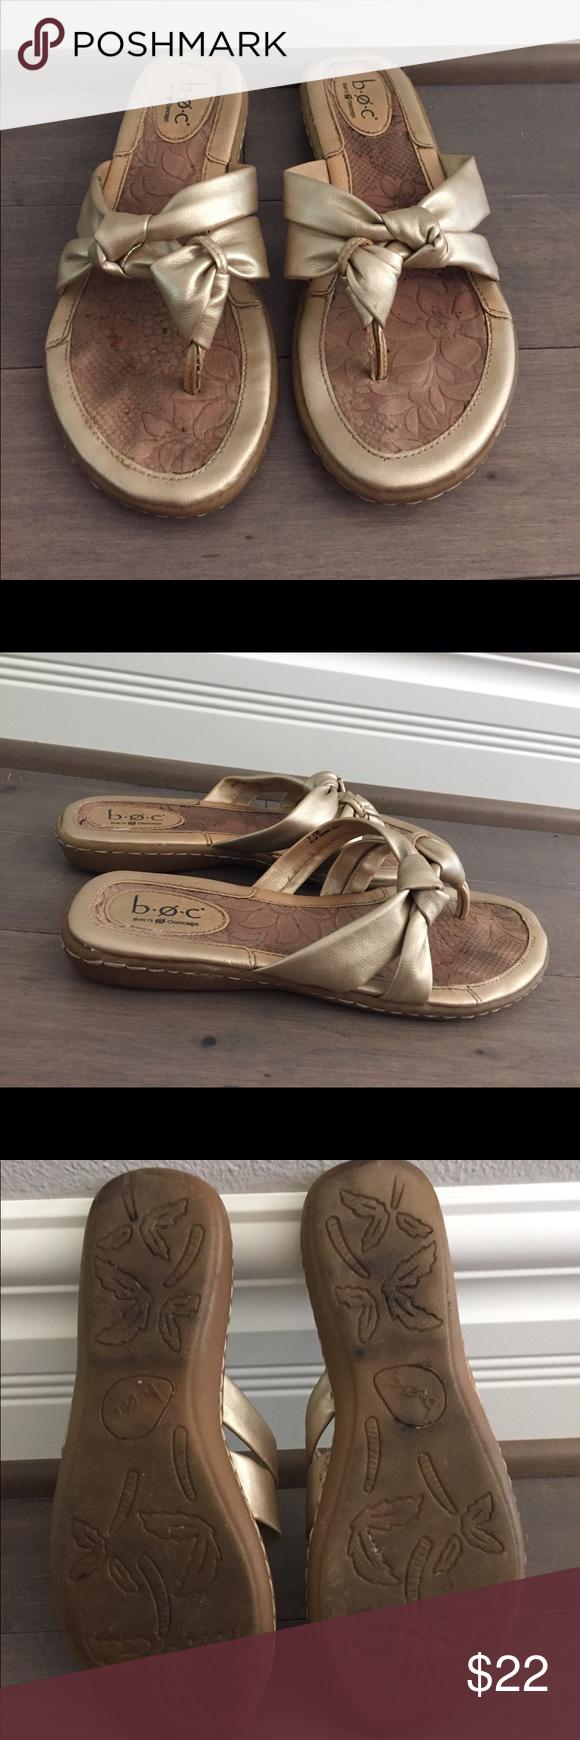 b5e98c9f5640 BOC Born Concept Flip Flops Sandals Gold Floral BØC Born Concept Floral  Flip Flop Sandals Size  7 M Excellent Condition Please see pictures for  details boc ...